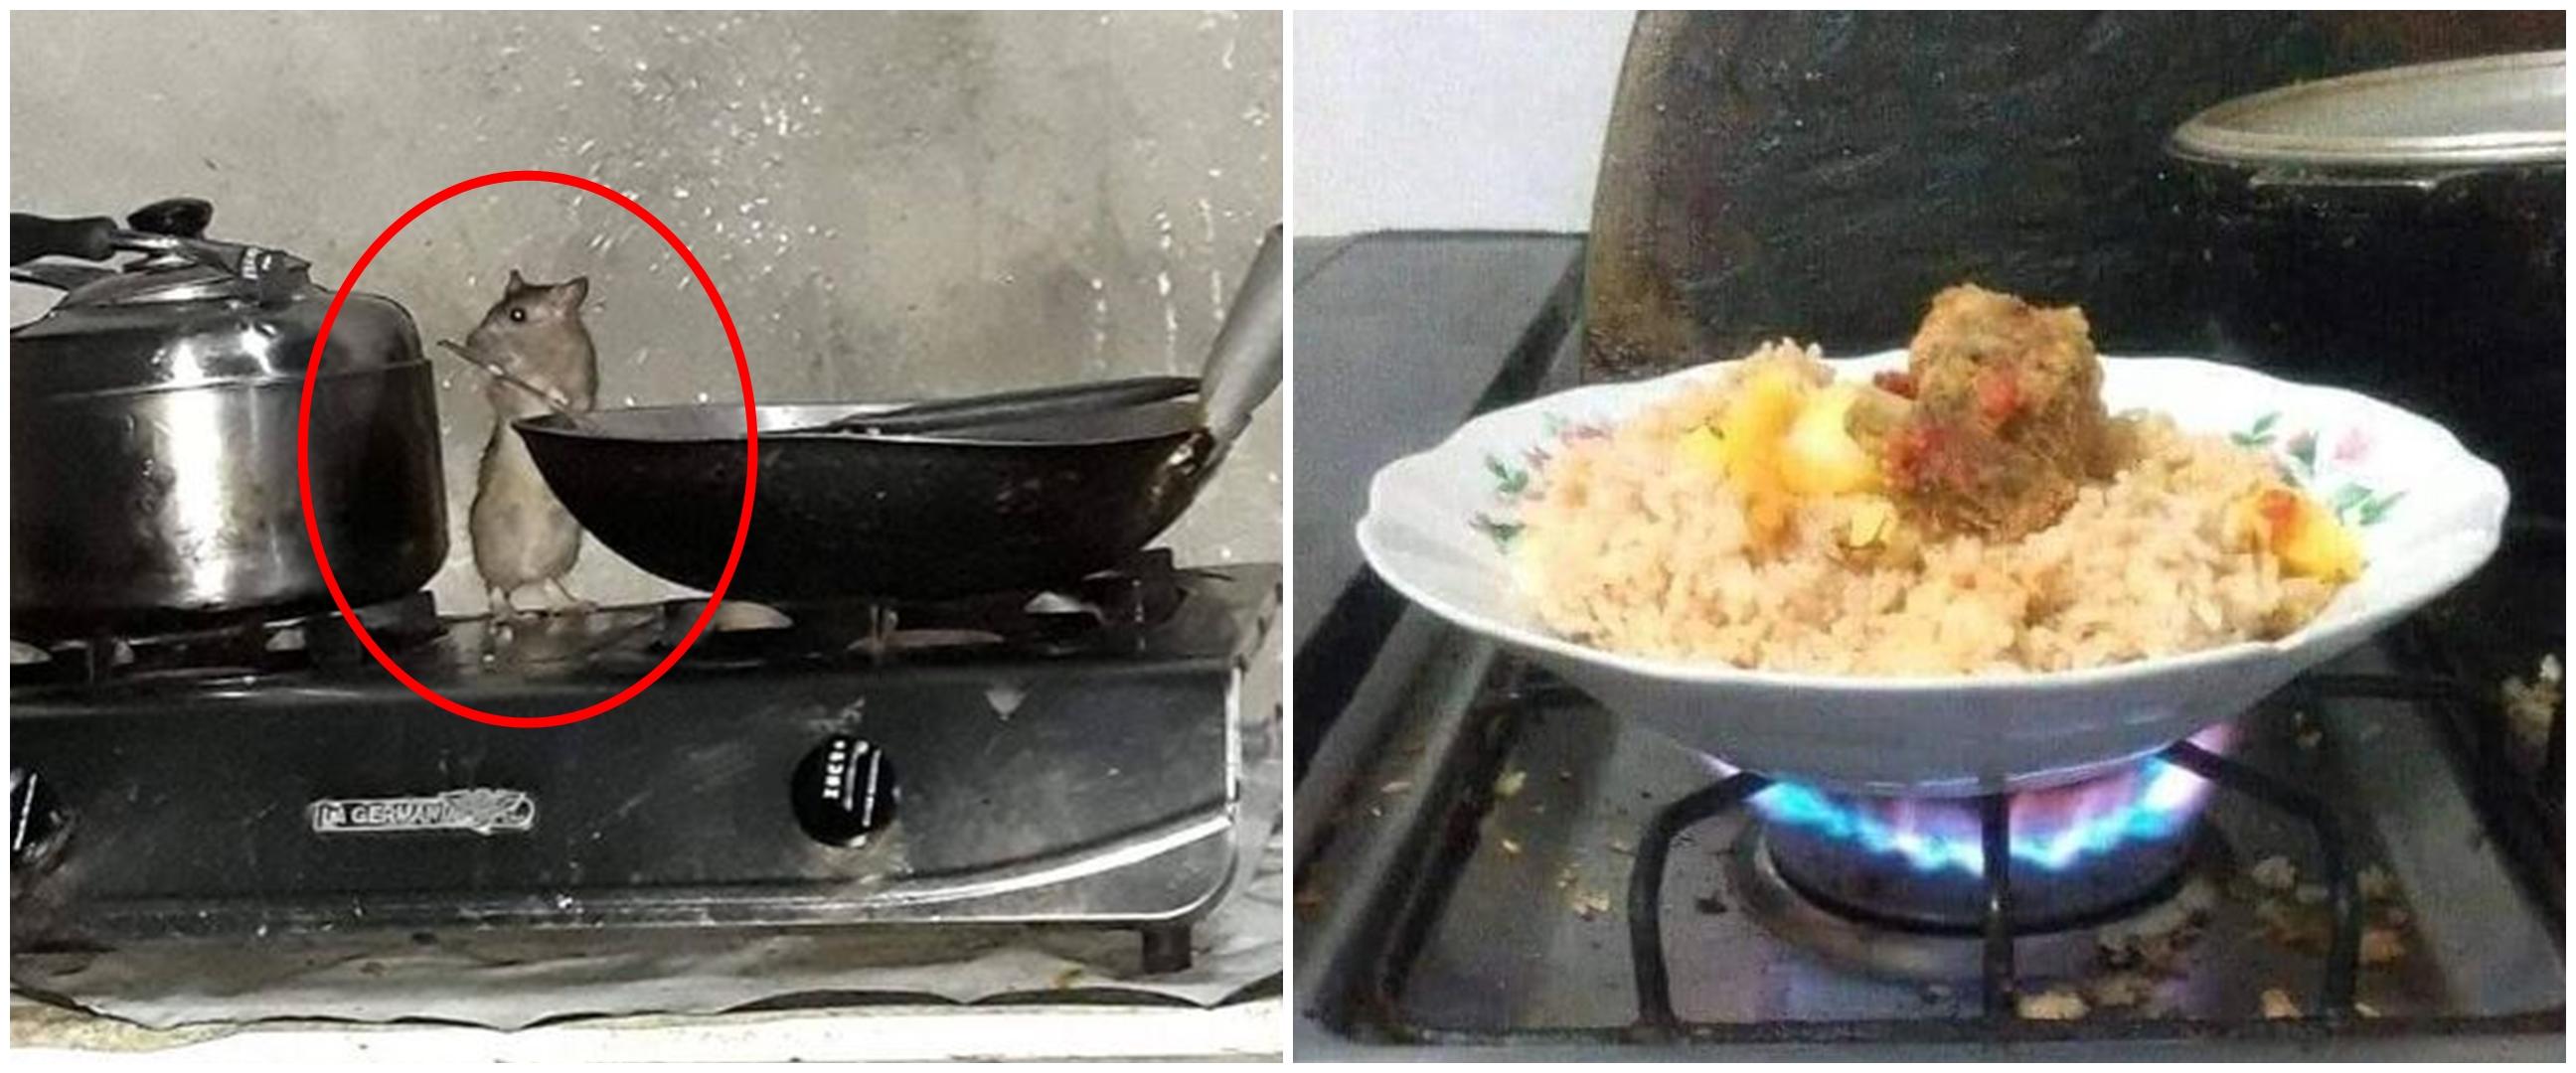 10 Potret absurd kegiatan memasak di dapur ini lucunya ngeselin